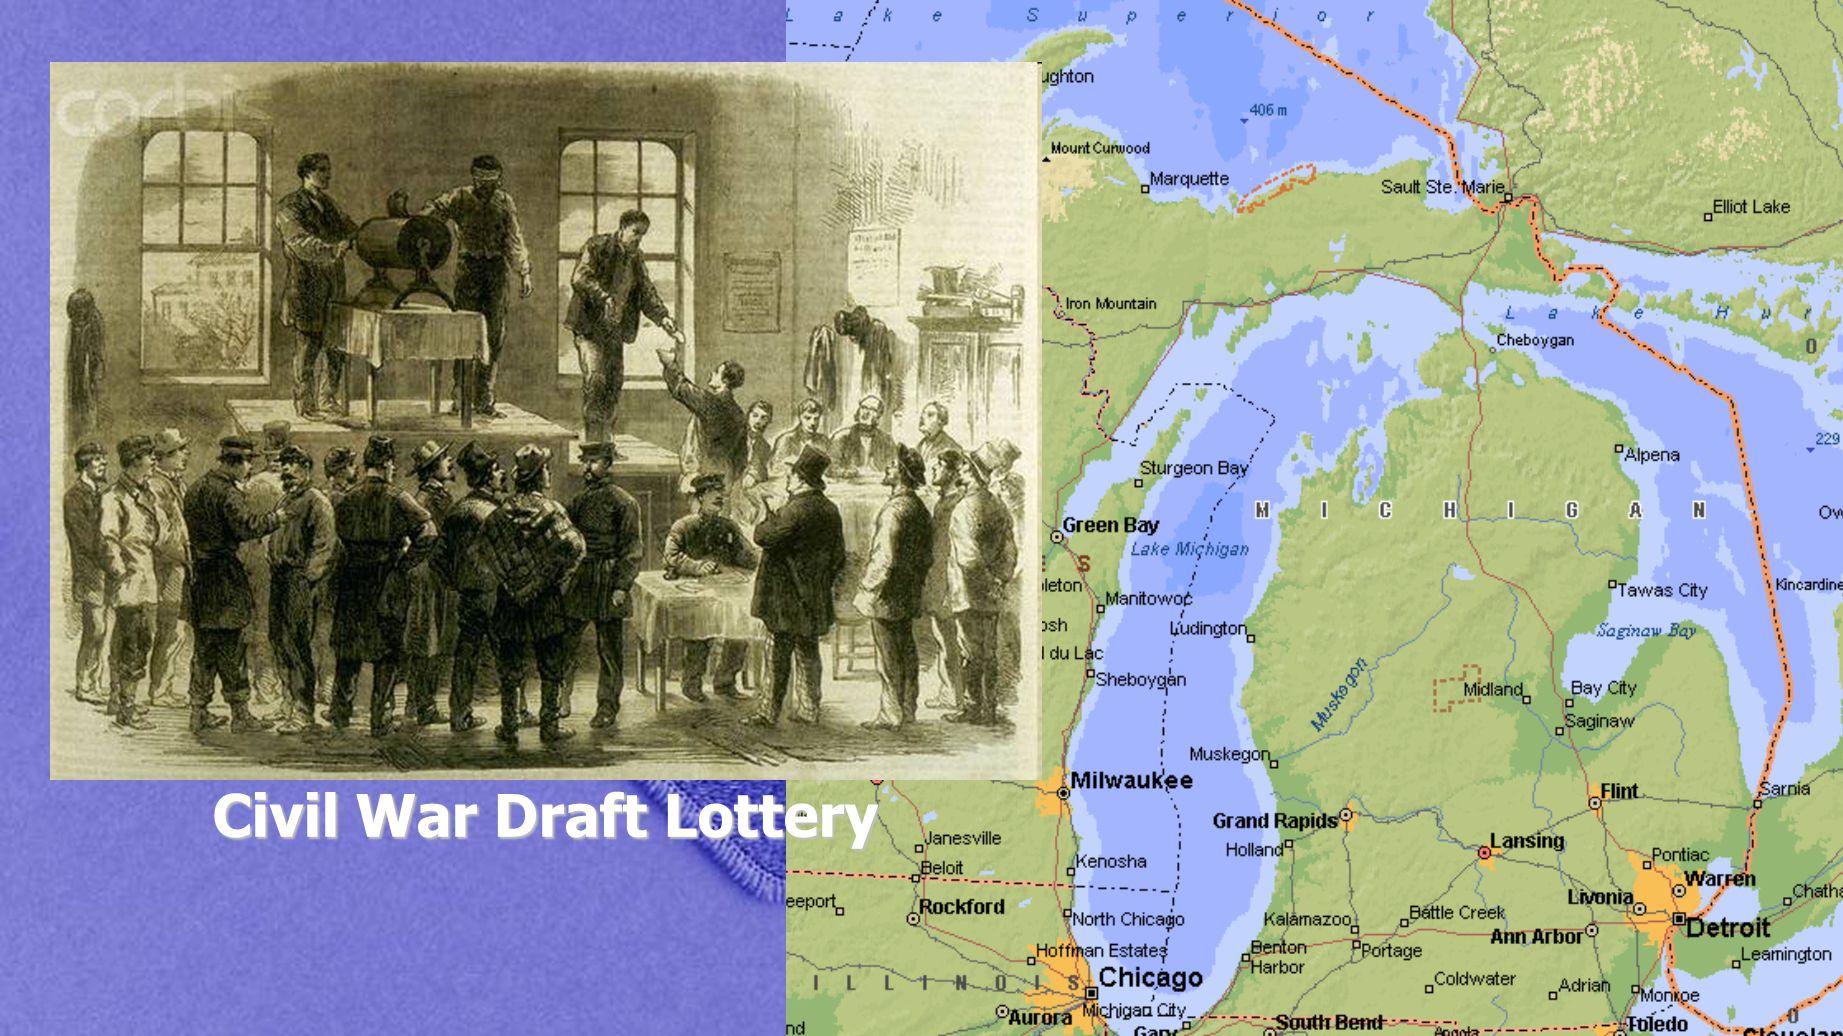 Civil War Draft Lottery